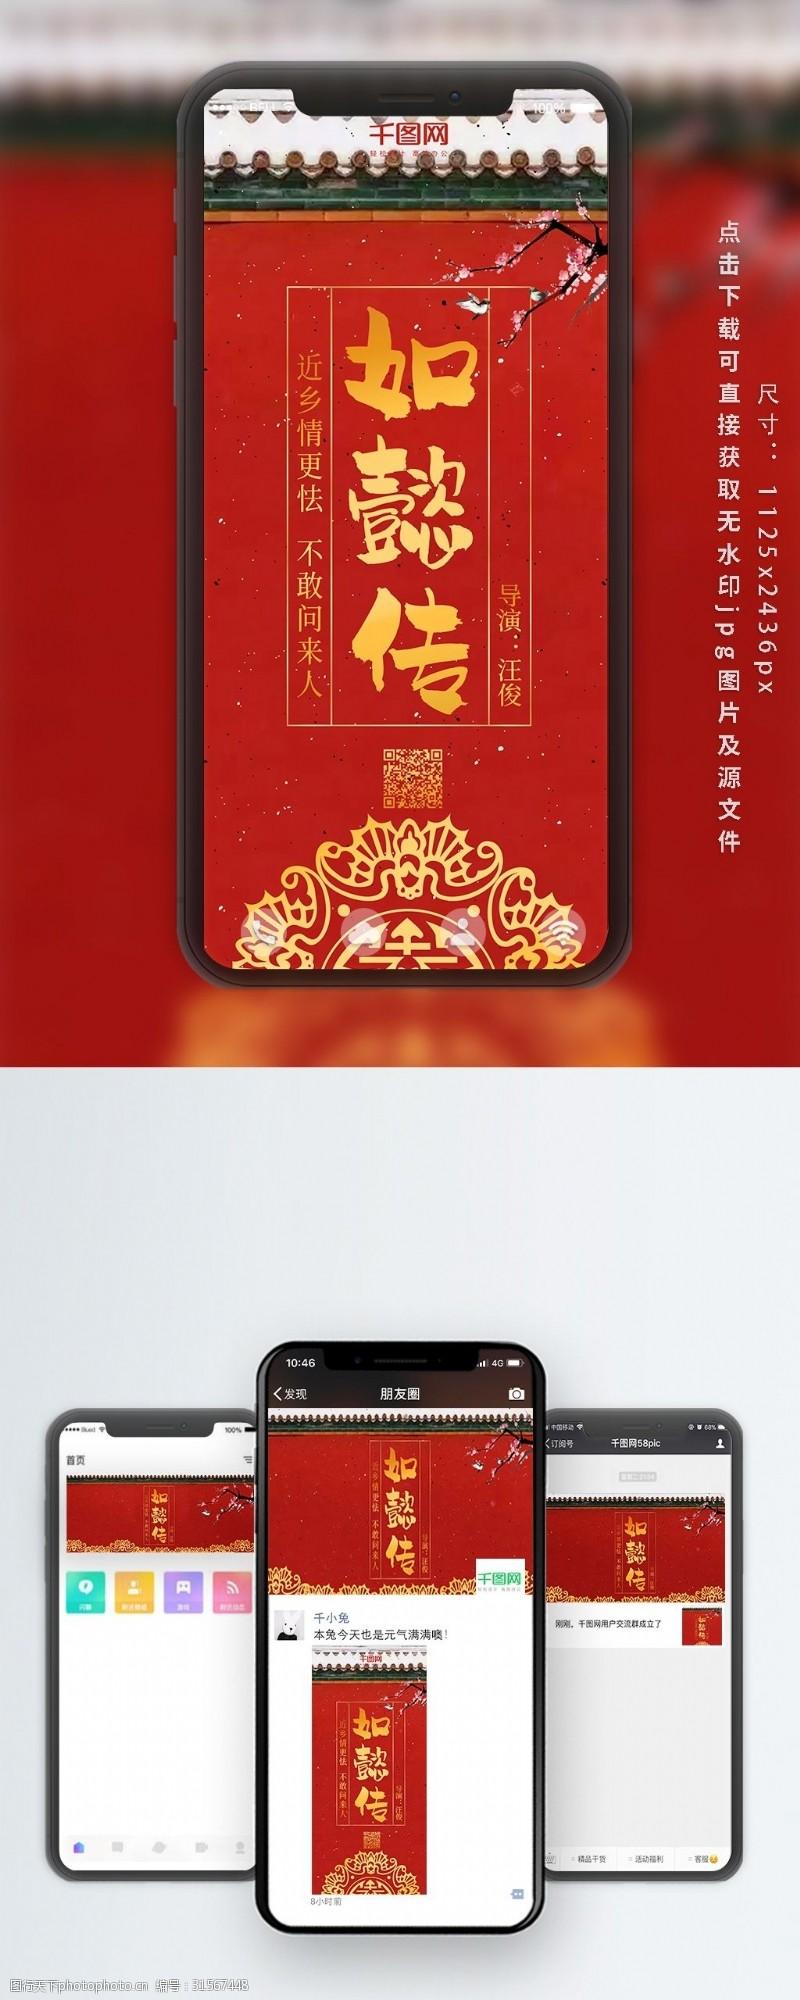 古典图如懿传清新唯美微博微信公众号app海报